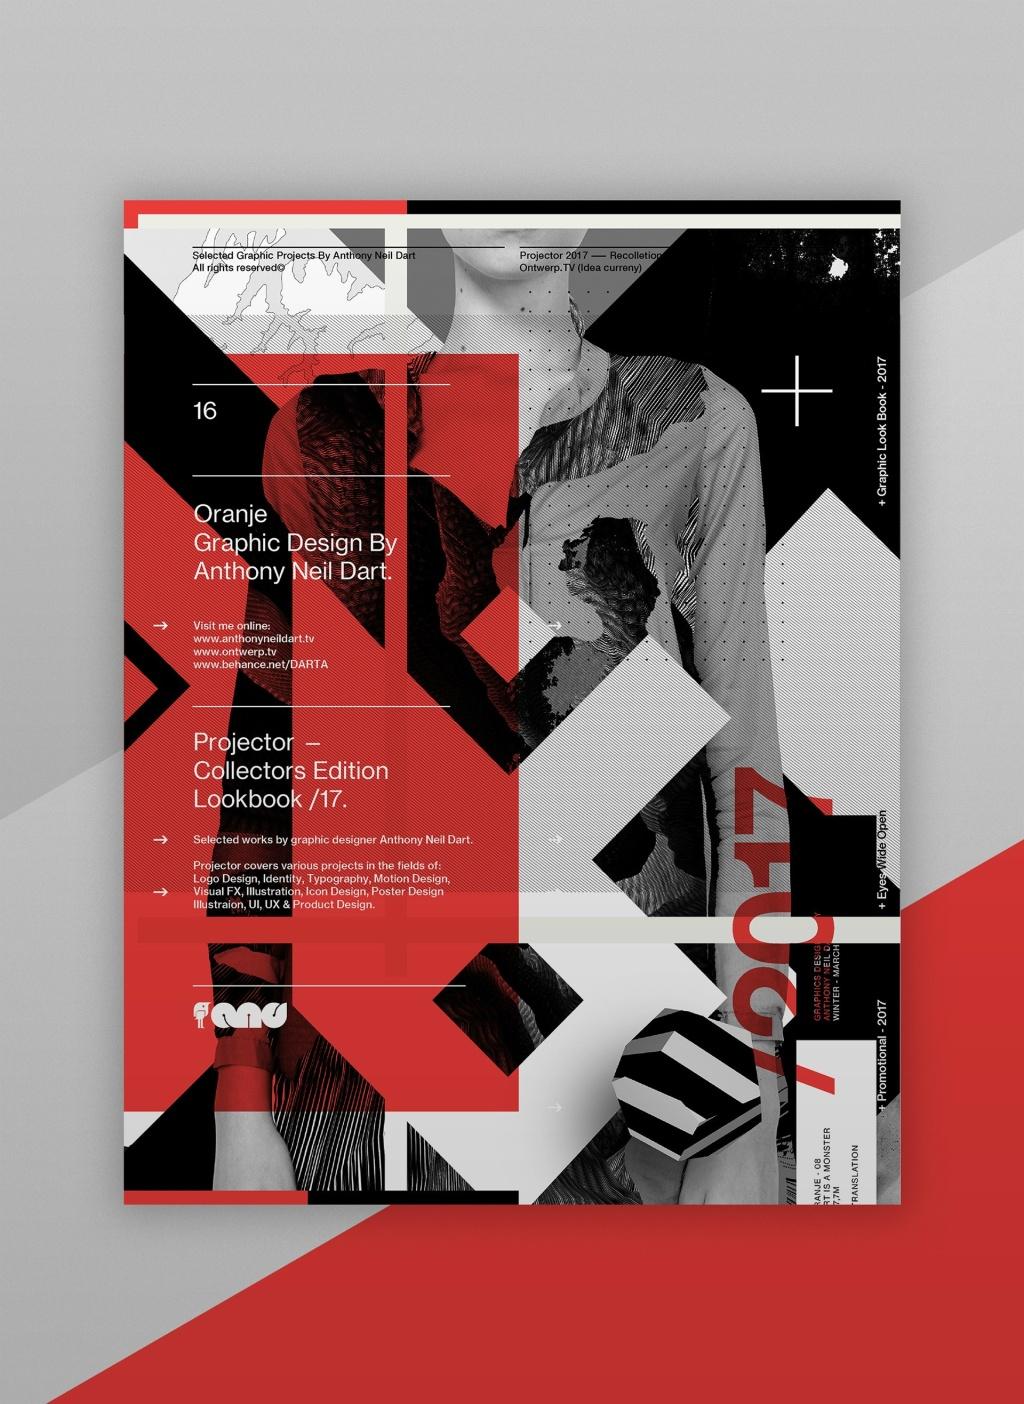 国内资讯_红、白、灰的组合排版: Projector Posters /17海报设计 - 设计之家